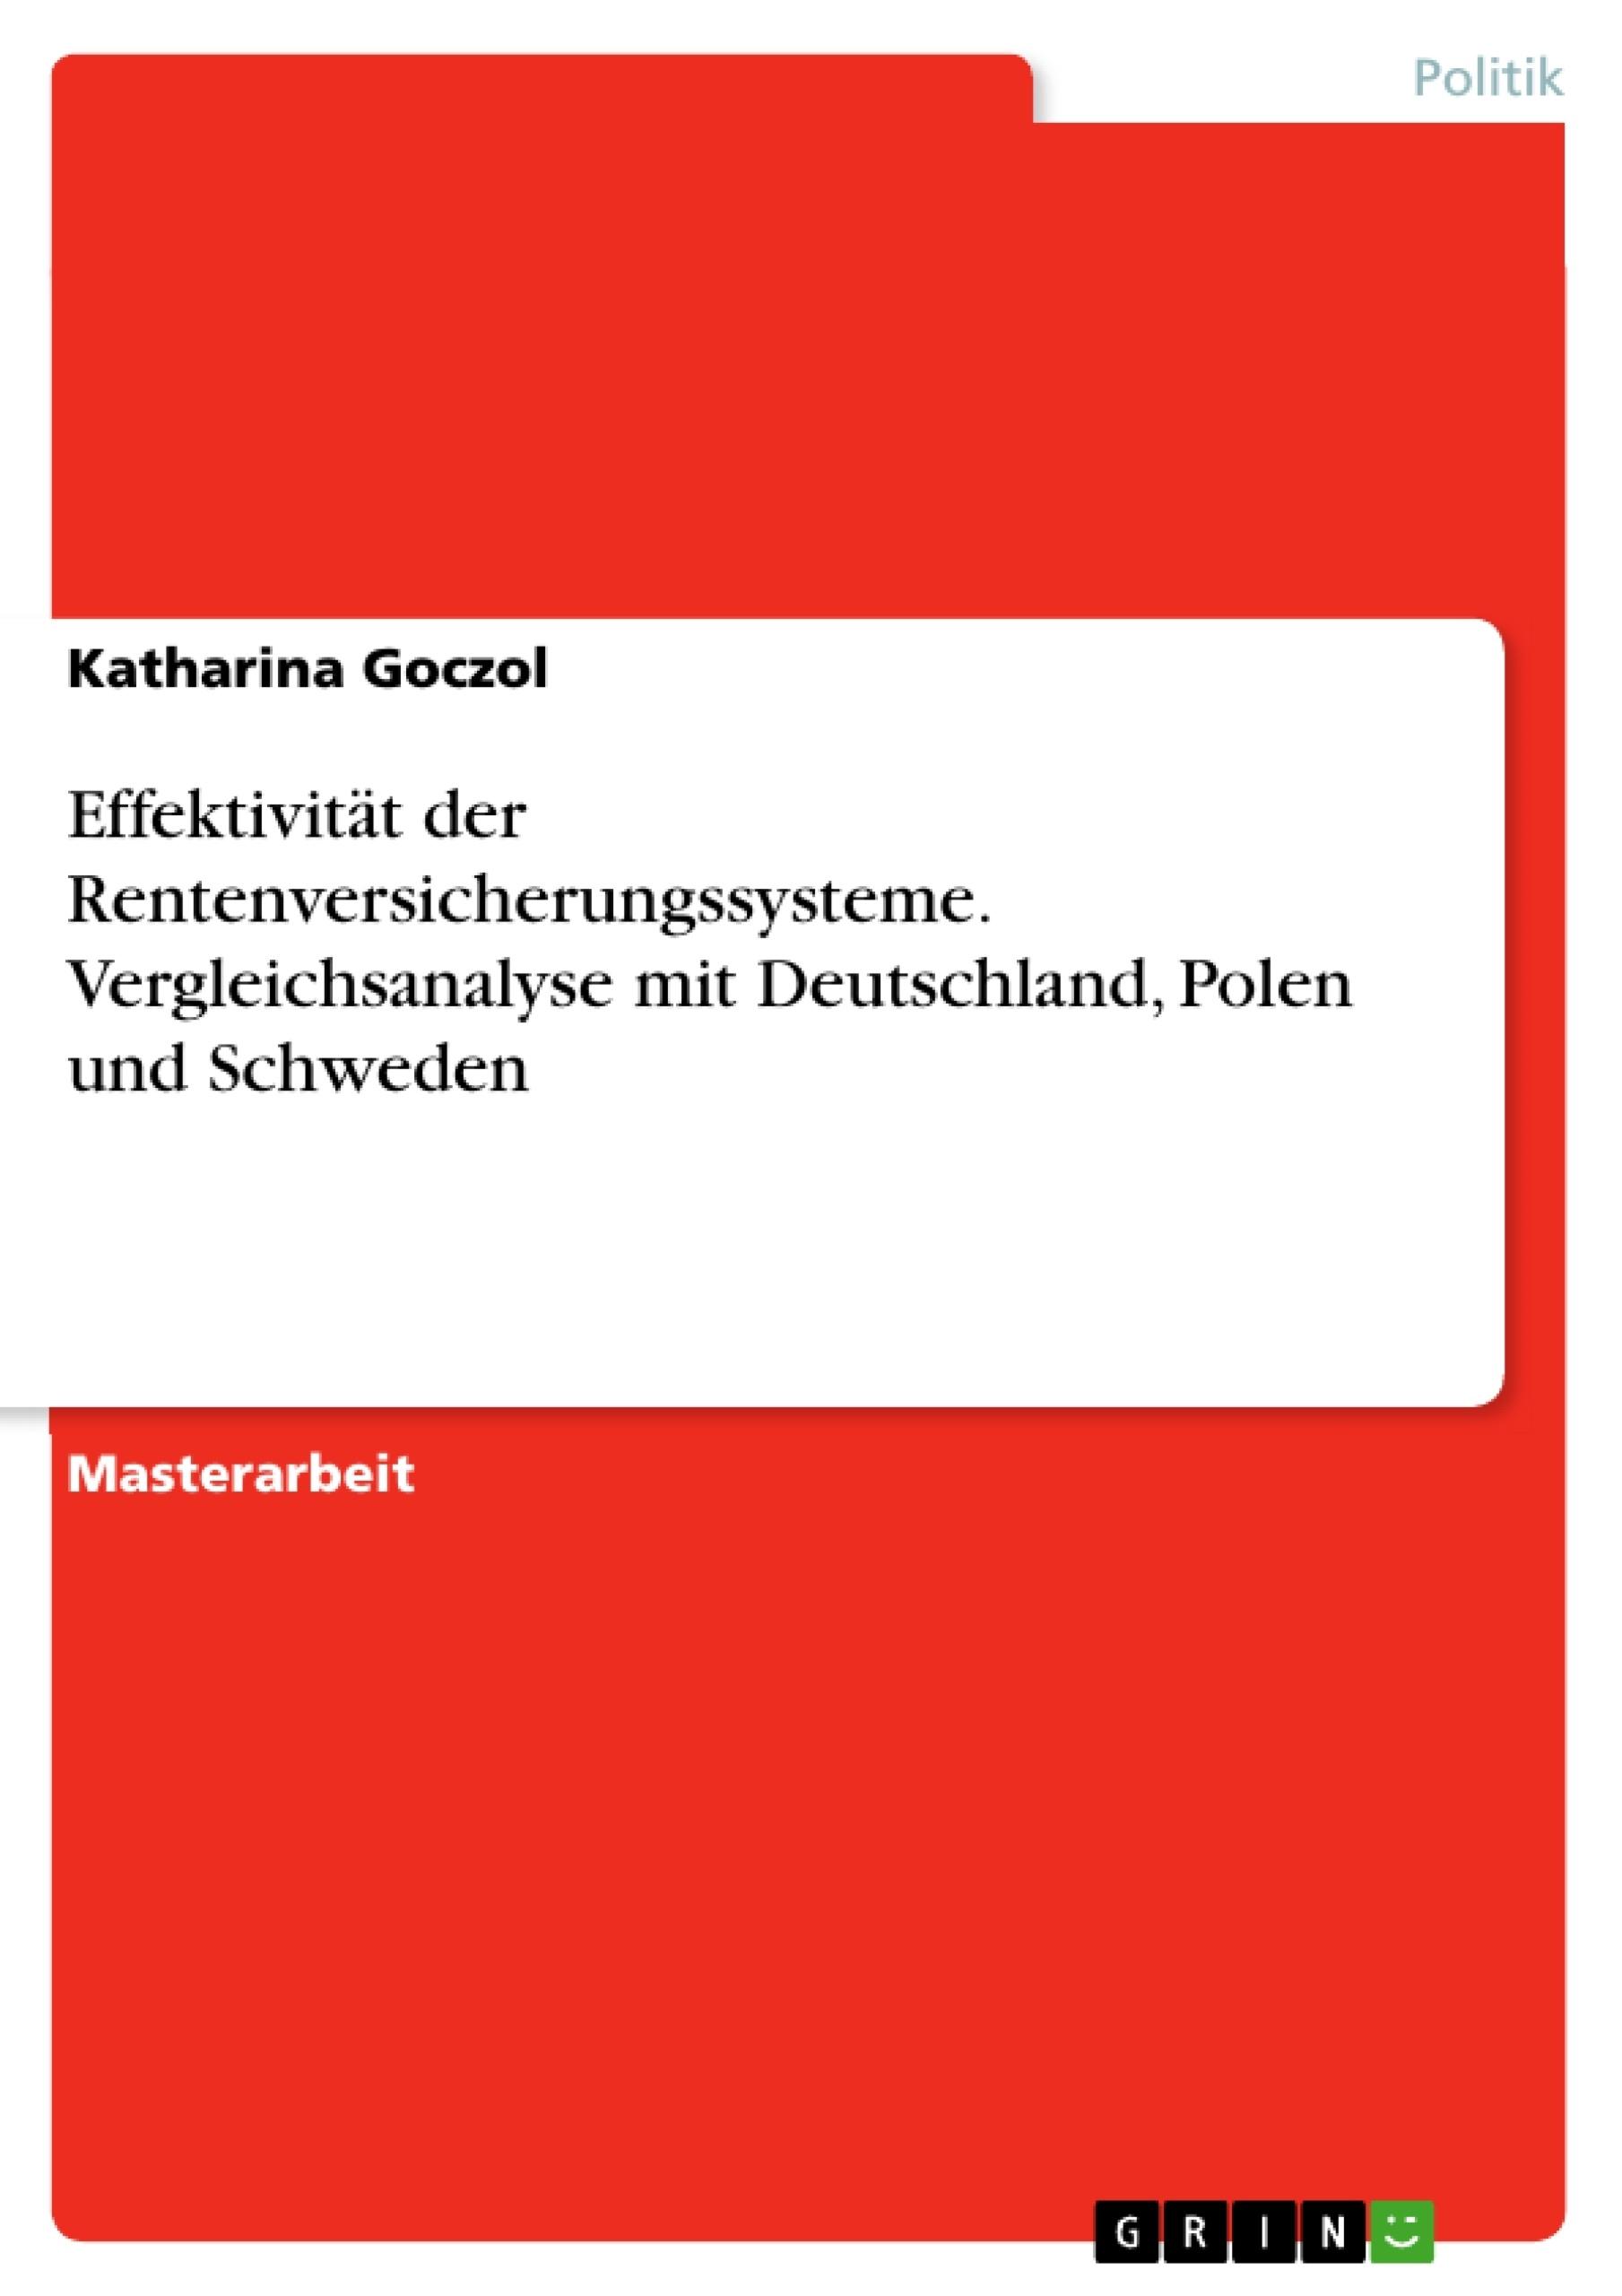 Titel: Effektivität der Rentenversicherungssysteme. Vergleichsanalyse mit Deutschland, Polen und Schweden